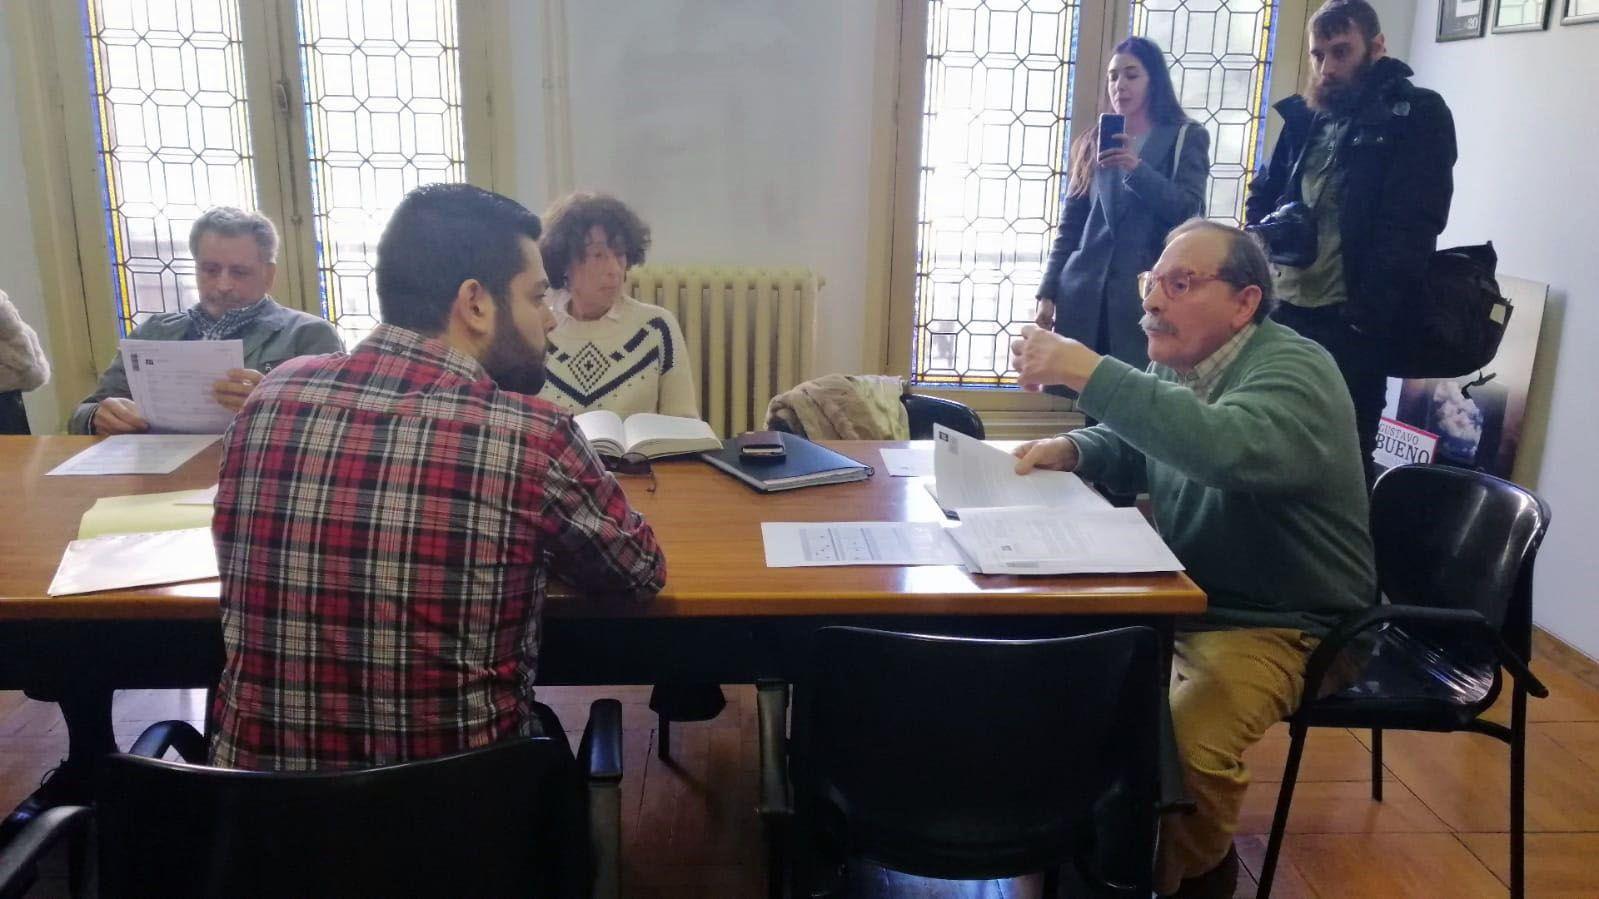 Así transcurrió la tensa reunión entre Rubén Rosón y la Fundación Gustavo Bueno.Rubén Rosón en una reunión con miembros de la Fundación Gustavo Bueno